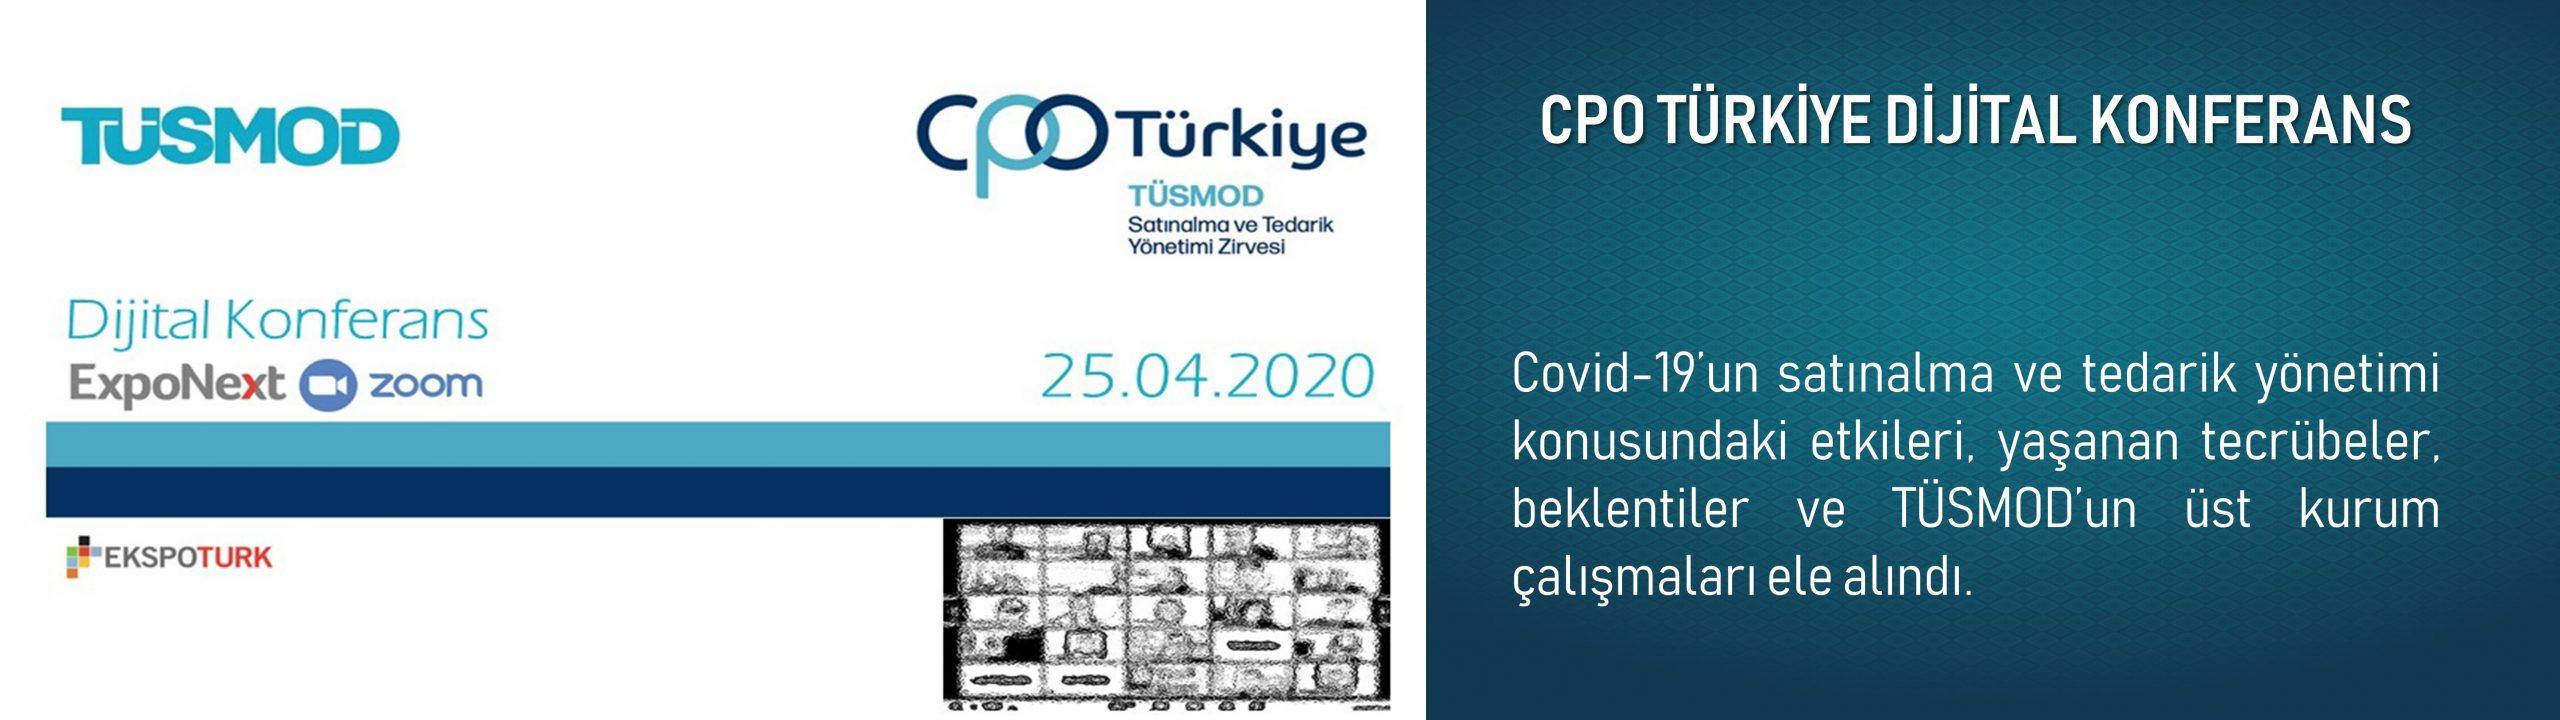 CPO Türkiye Dijital Konferans 1